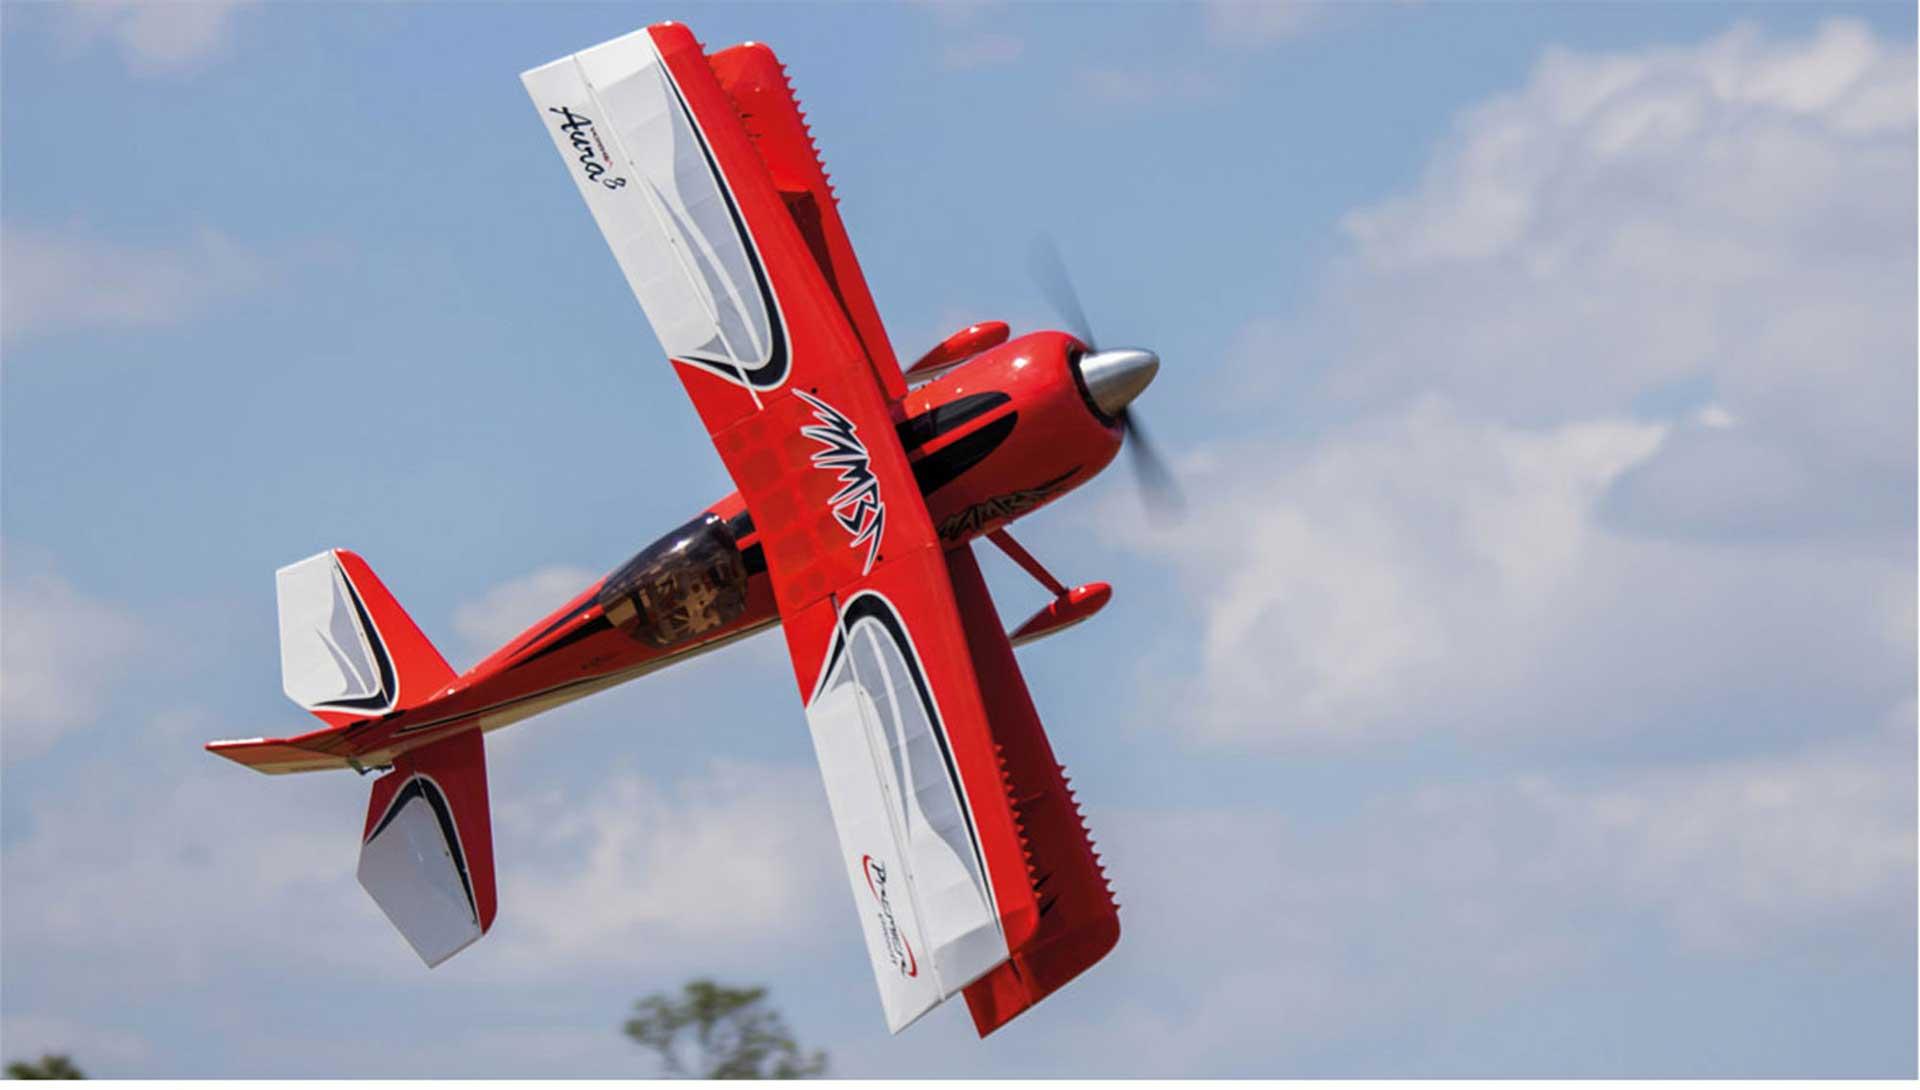 PREMIER AIRCRAFT MAMBA 70CC ARFSV DPPELDECKER ROT MIT EINGEBAUTEN DIGITAL HV SERVOS